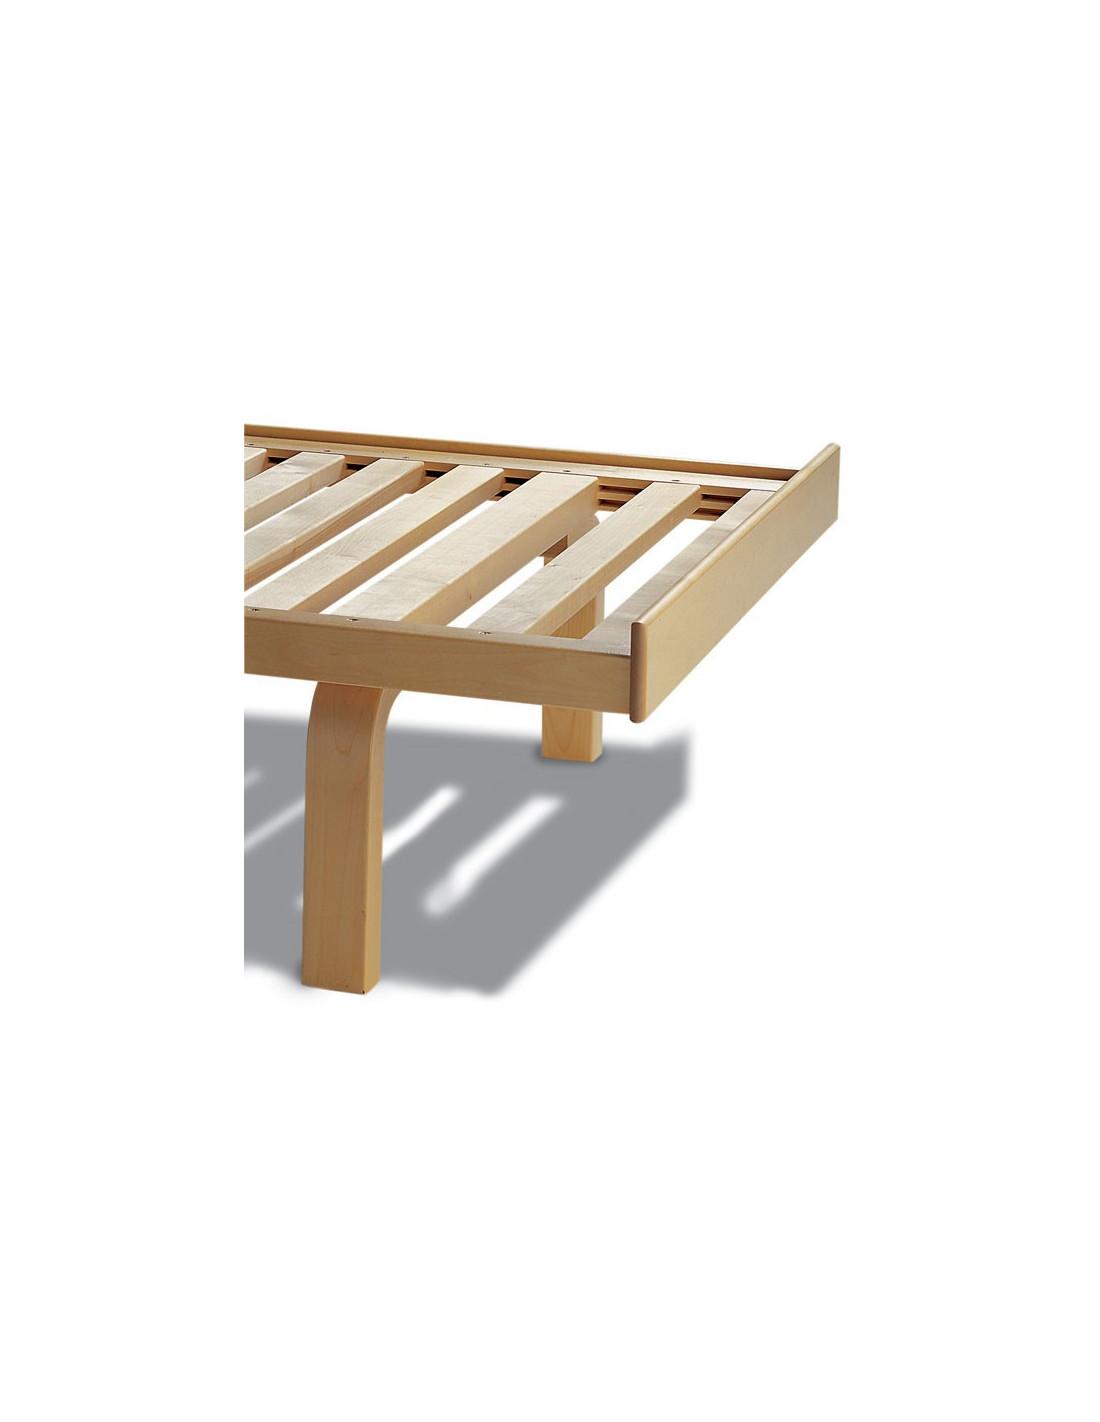 Day bed 710 designed by alvar aalto for artek la boutique for Sofa bed 549 artek